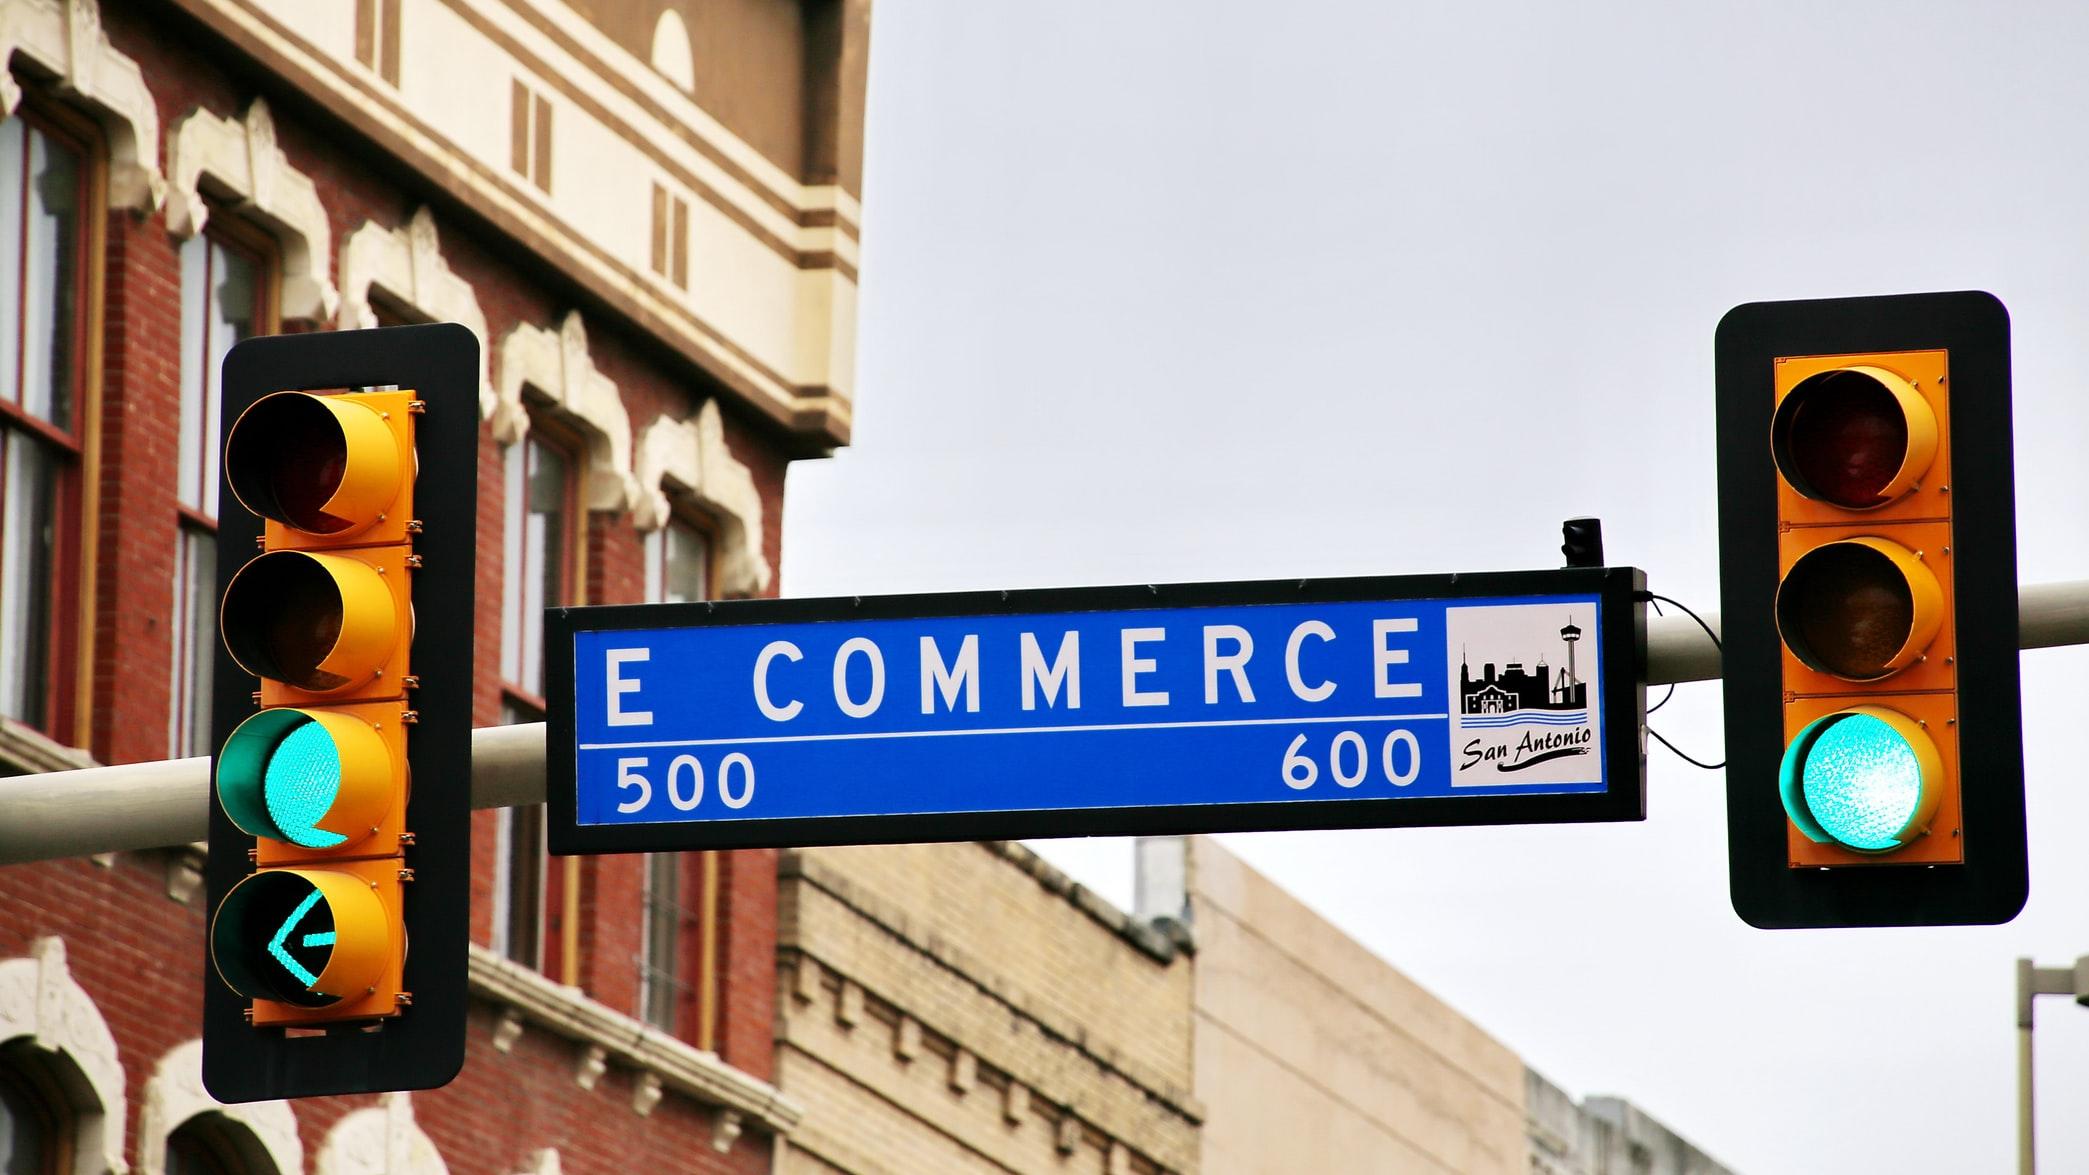 Vendite, Gdo: ancora in doppia cifra la crescita dell'e-commerce (+69,9%)